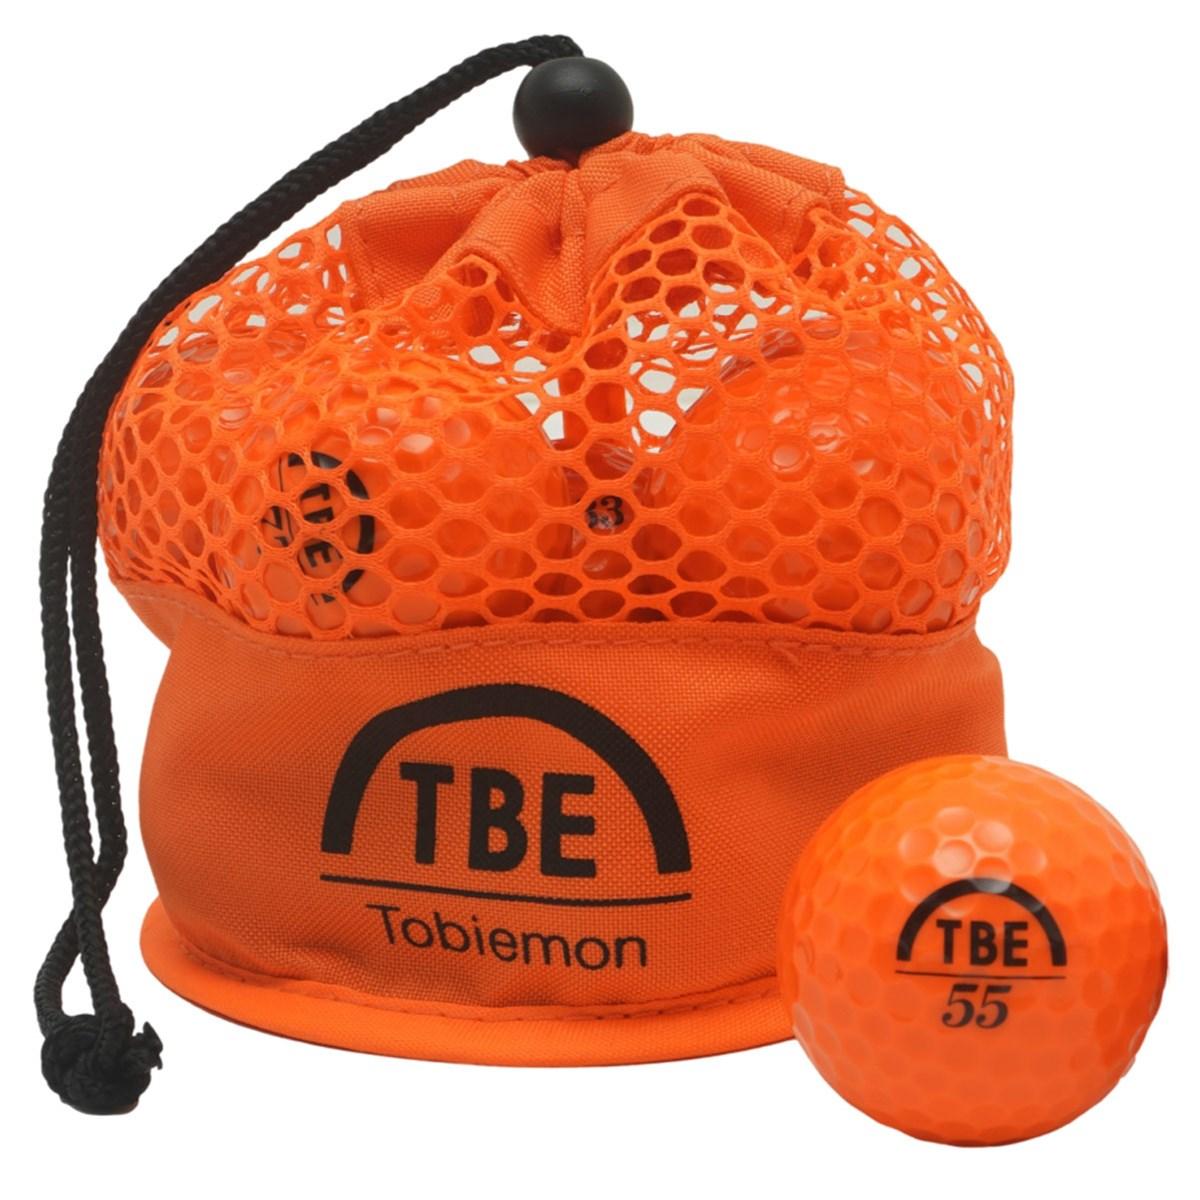 飛衛門 TOBIEMON メッシュバッグ入り ボール 1ダース(12個入り) オレンジ